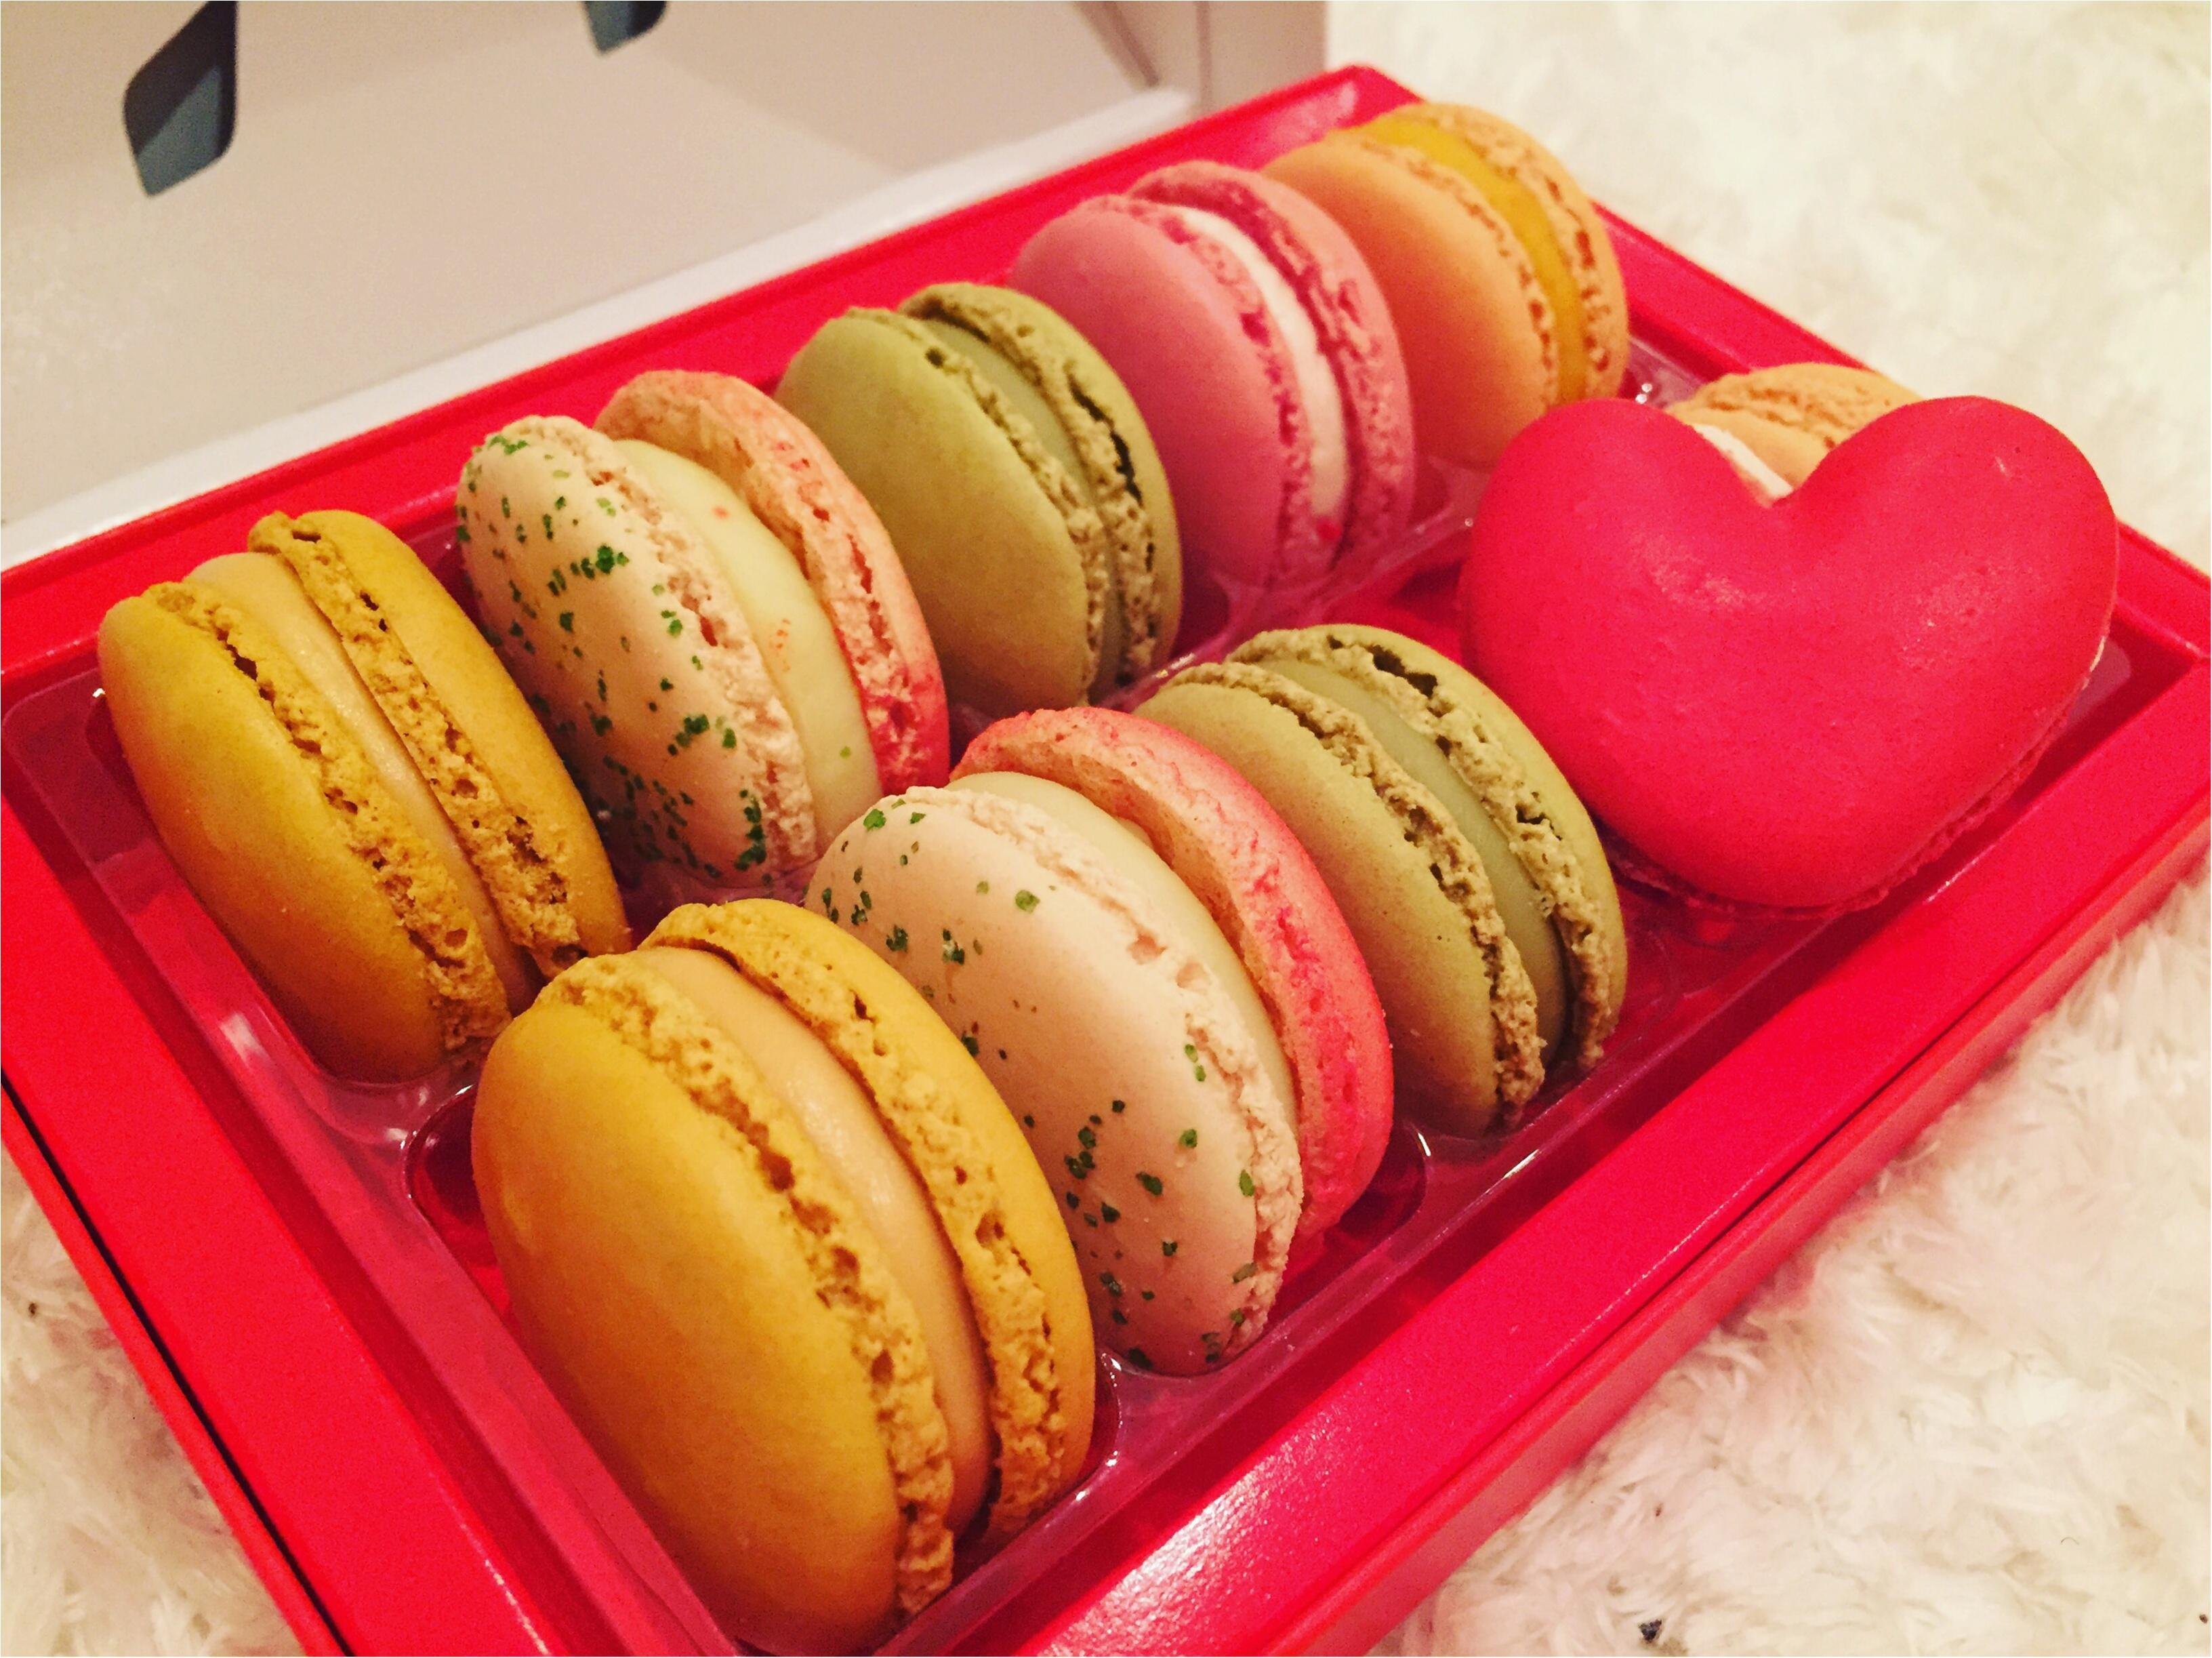 お菓子にはそれぞれ意味がある?【特別な人】にあげるなら✨もらって嬉しい《*マカロン5選*》★☆_9